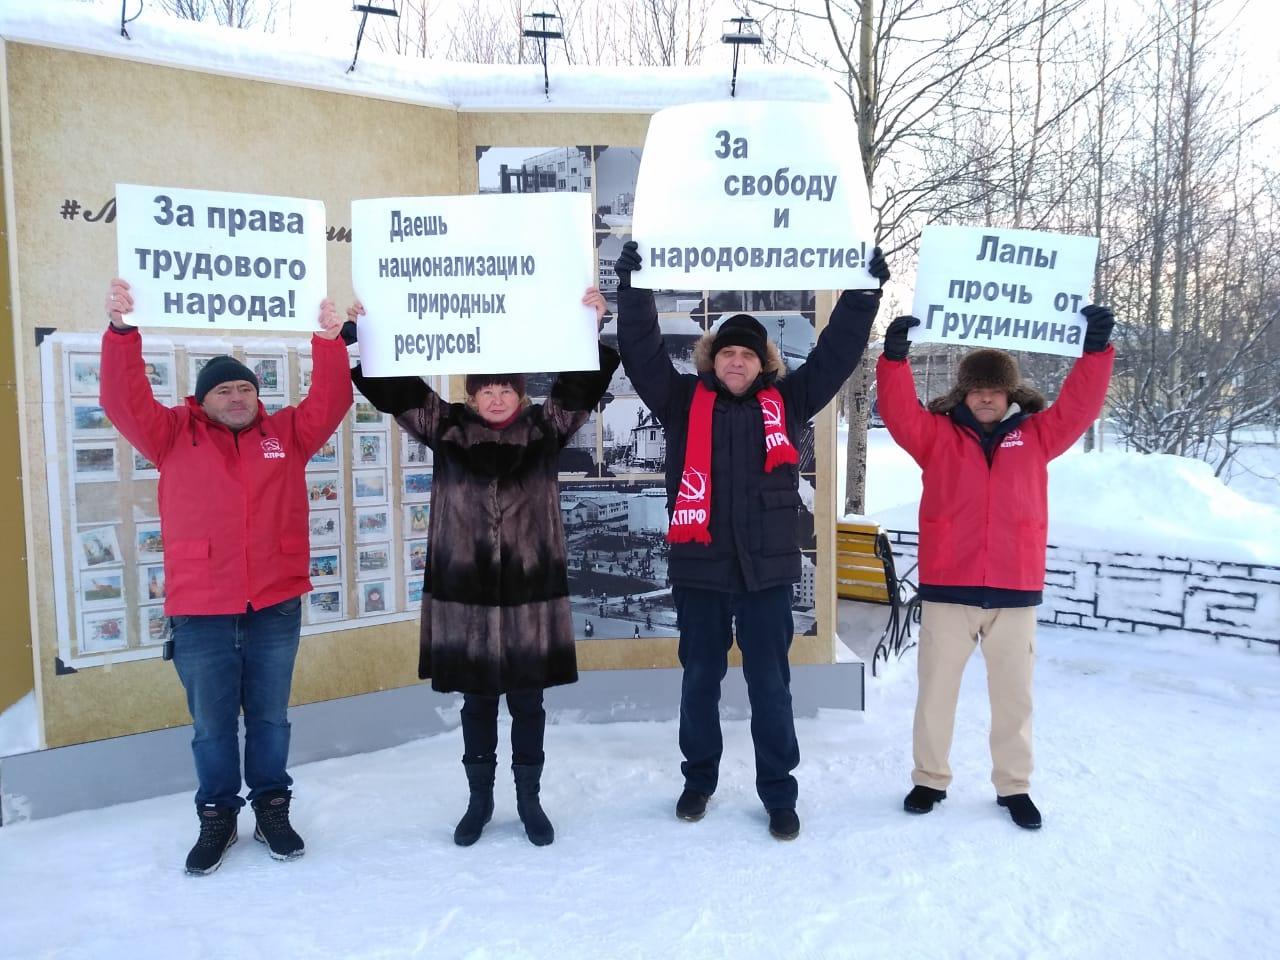 В Муравленко прошел пикет за права трудового народа и в защиту Павла Грудинина